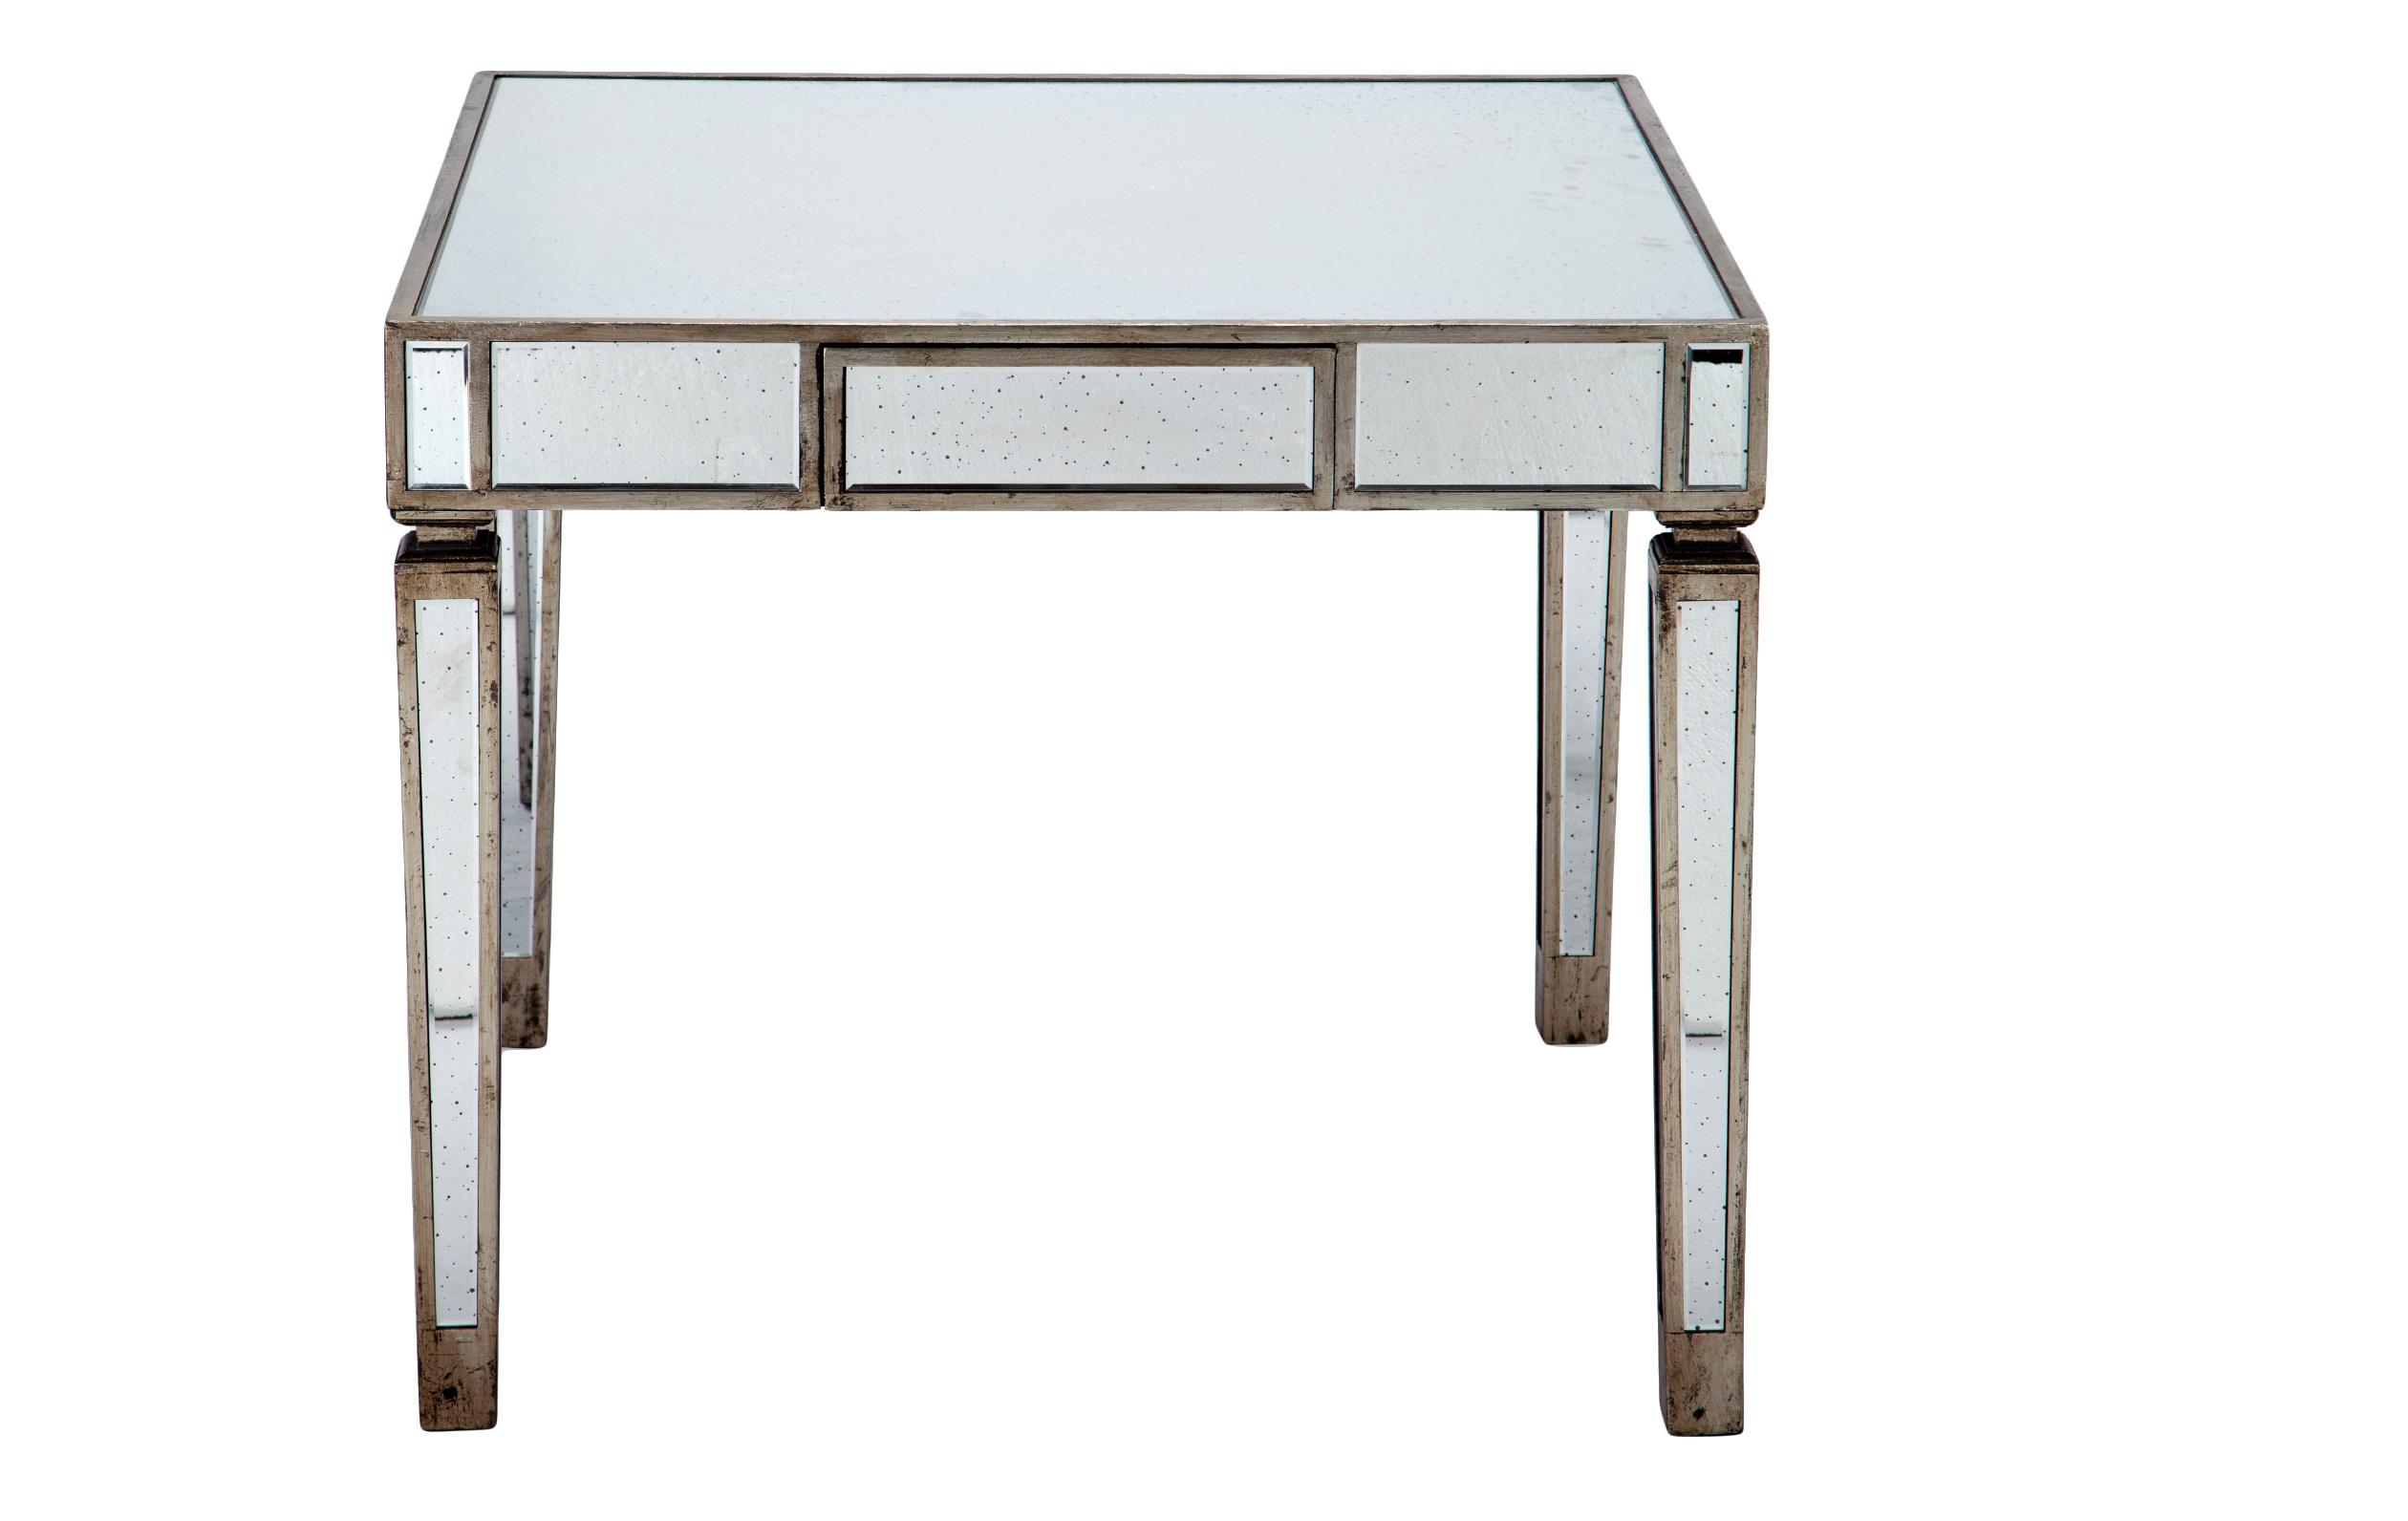 Стол зеркальныйОбеденные столы<br>Стол квадратный из состаренного зеркального стекла на высоких ножках с выдвижным ящиком.<br><br>Material: Стекло<br>Width см: 107<br>Depth см: 107<br>Height см: 91